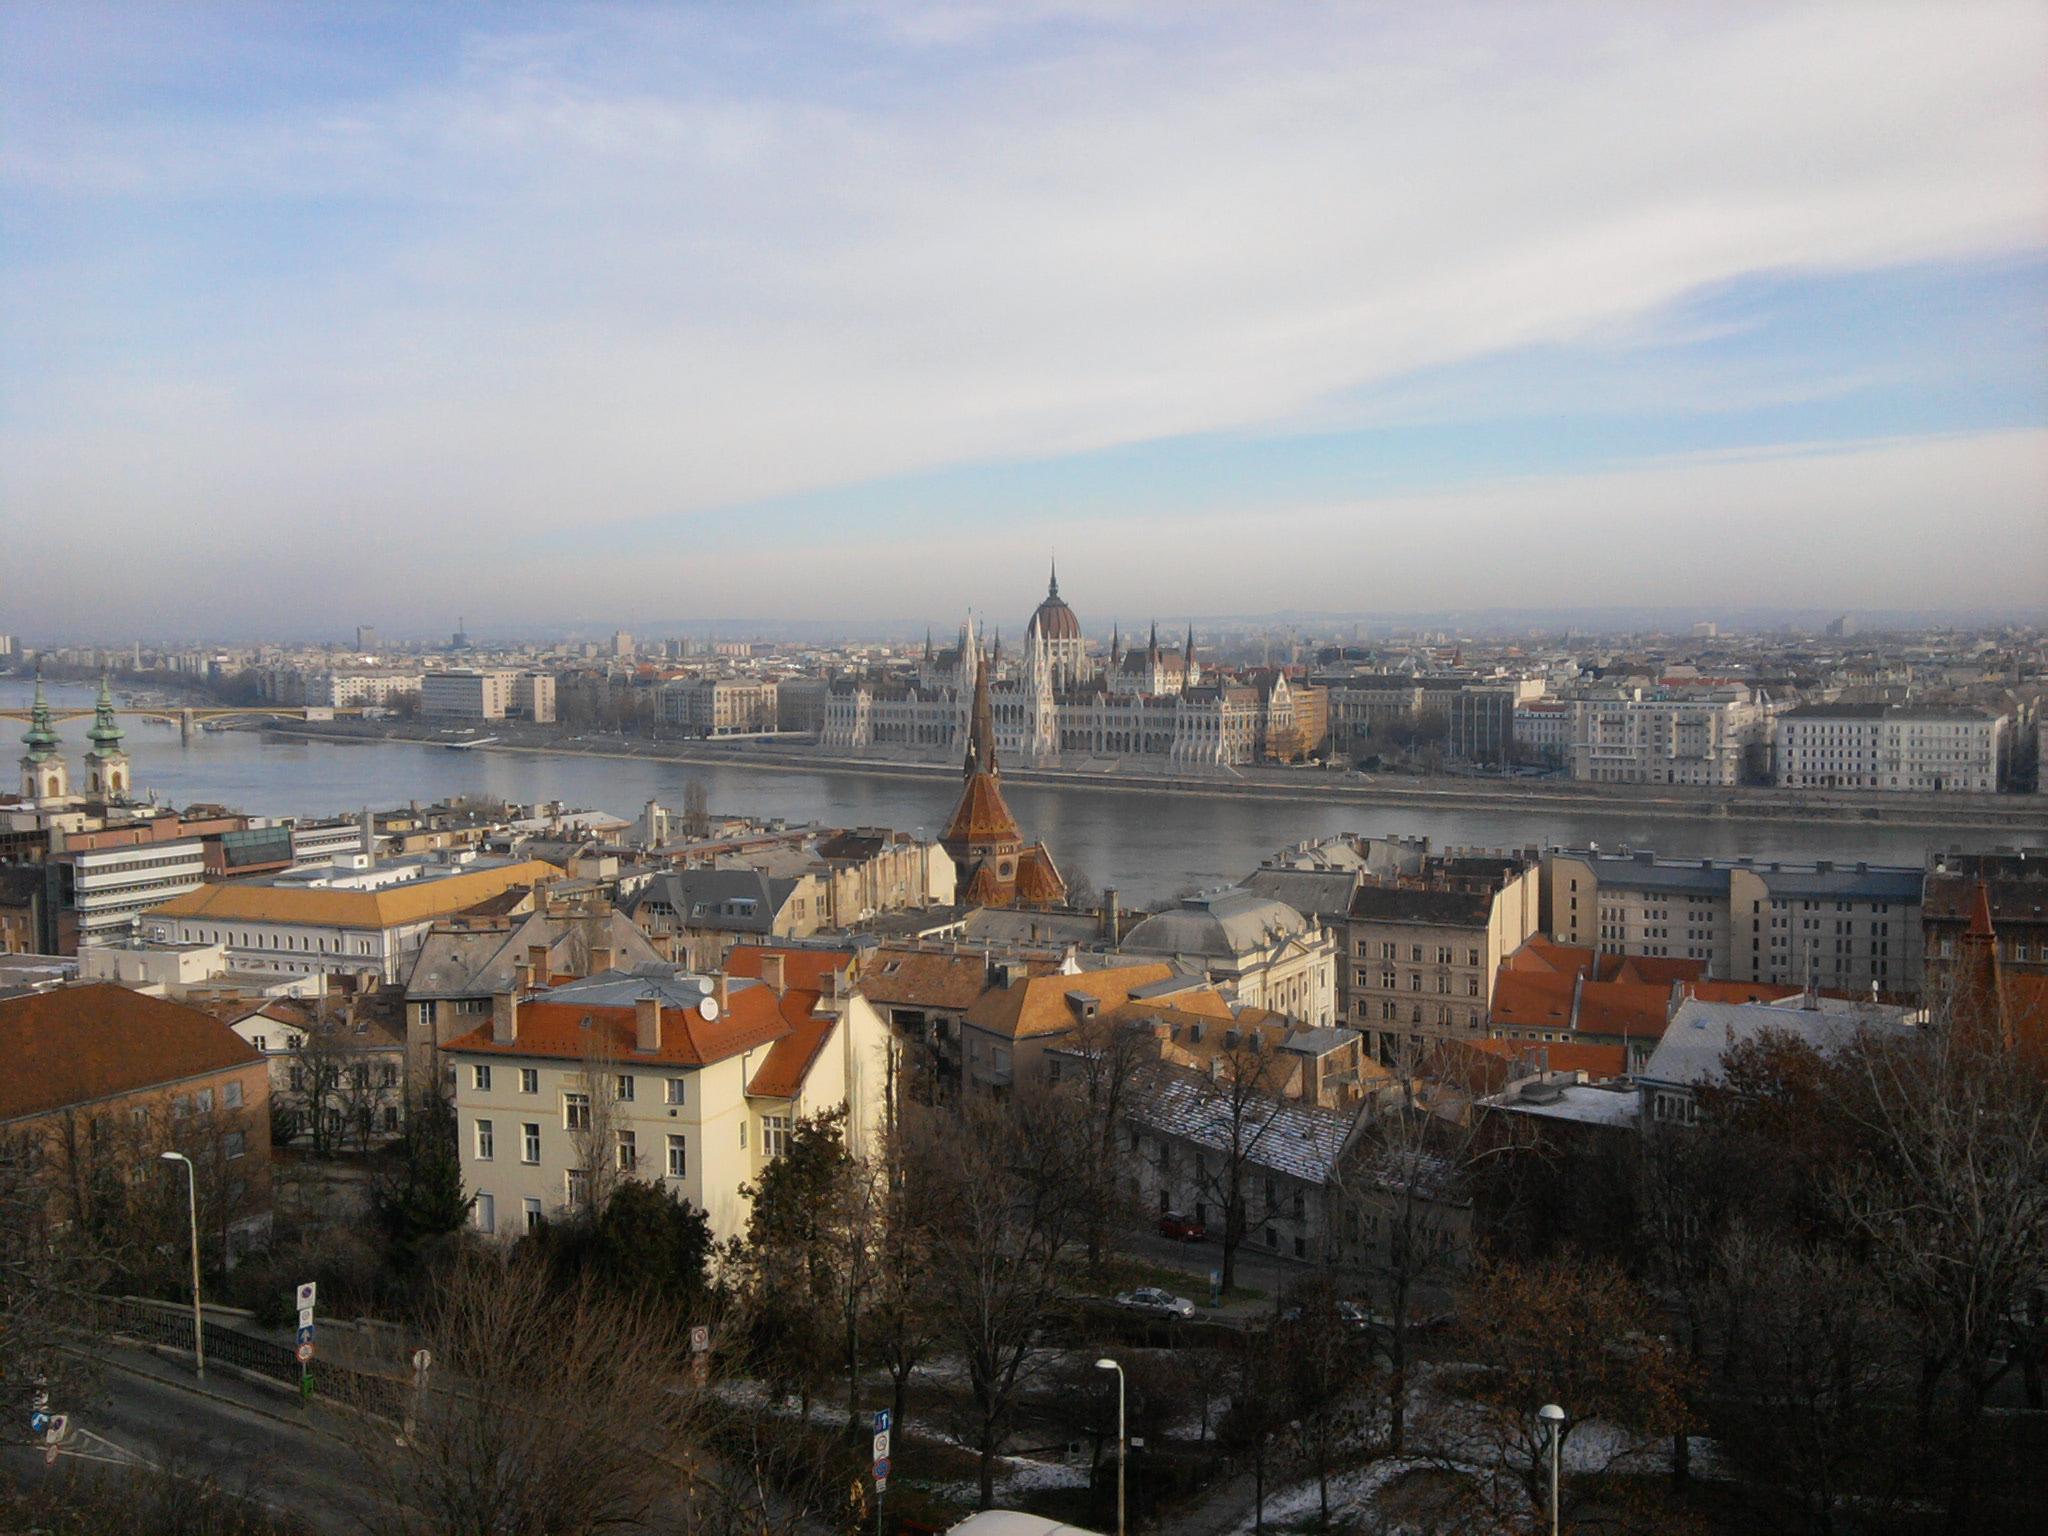 Vue sur Buda et Pest de l'autre côté du Danube